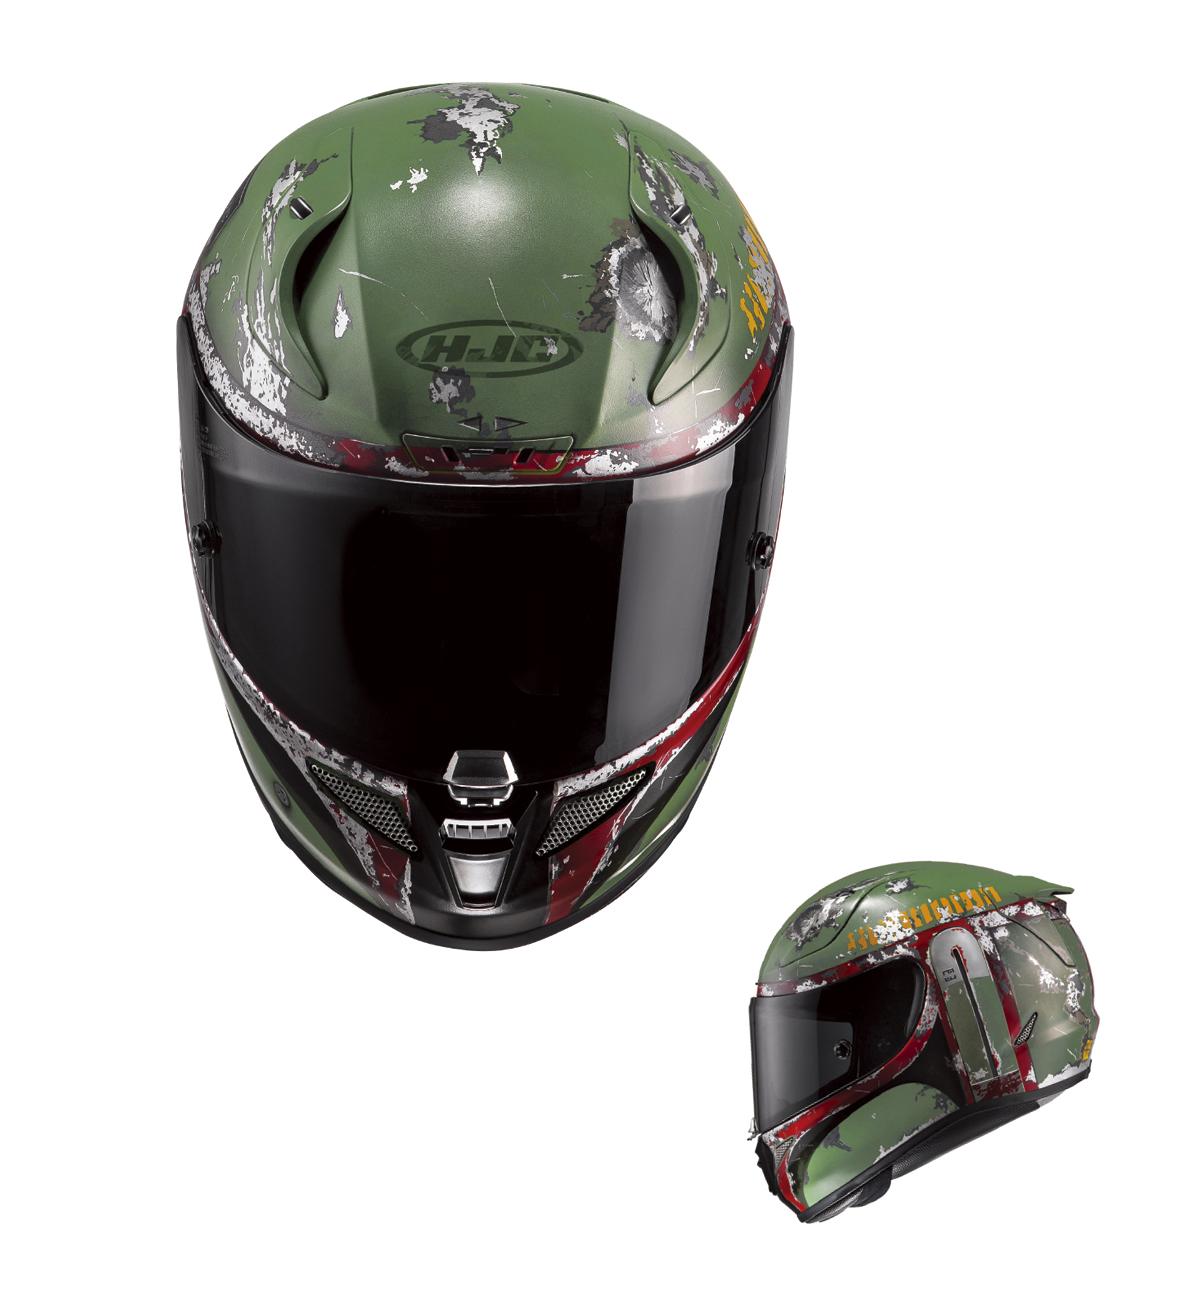 Outro vilão, Boba Fett, também terá seu capacete integral